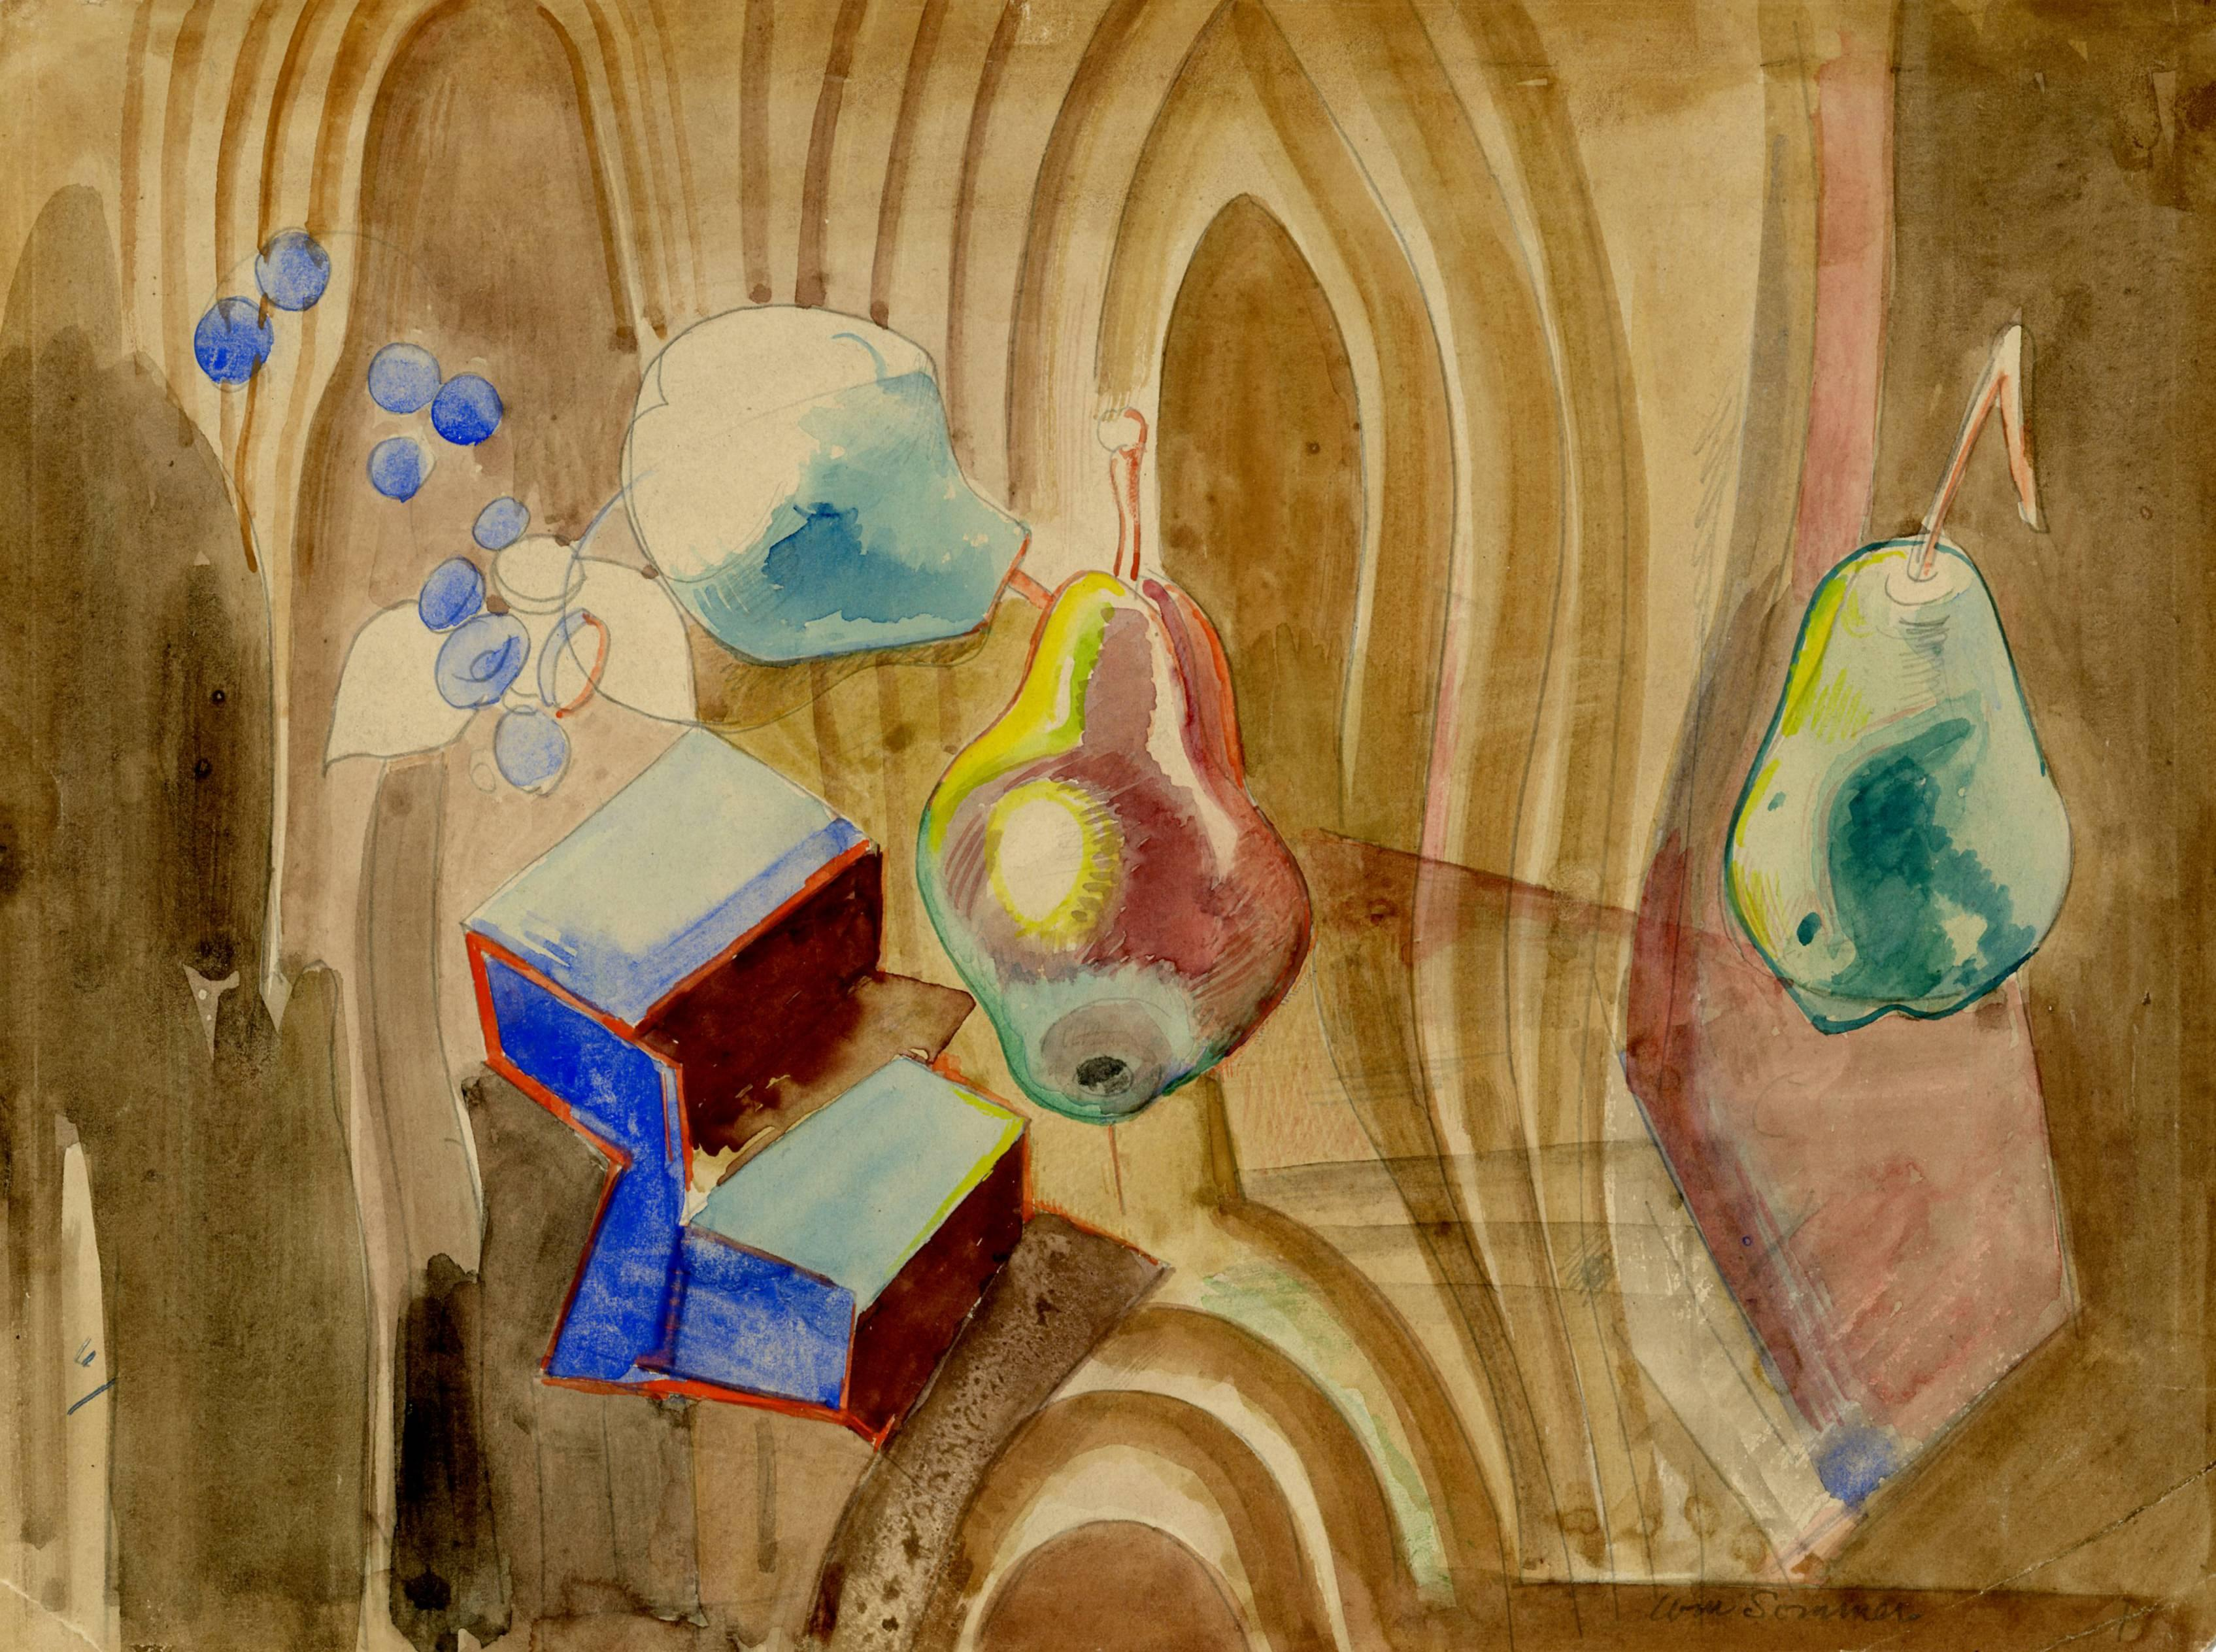 Still Life with Tromp L'Oeil